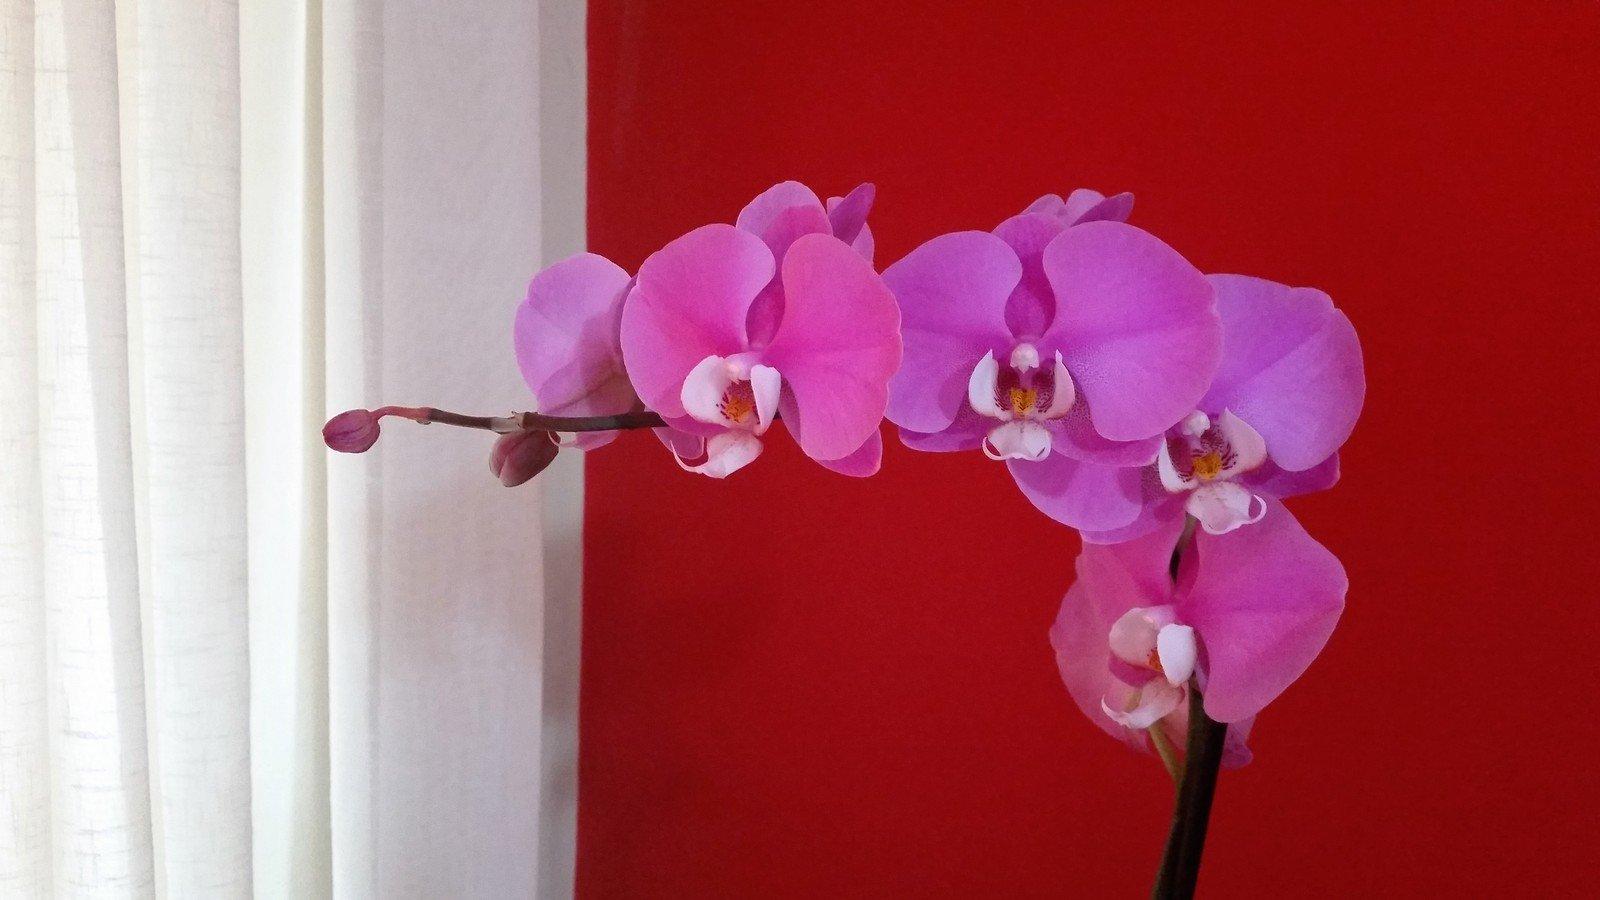 orchid,flower,inddor,violet